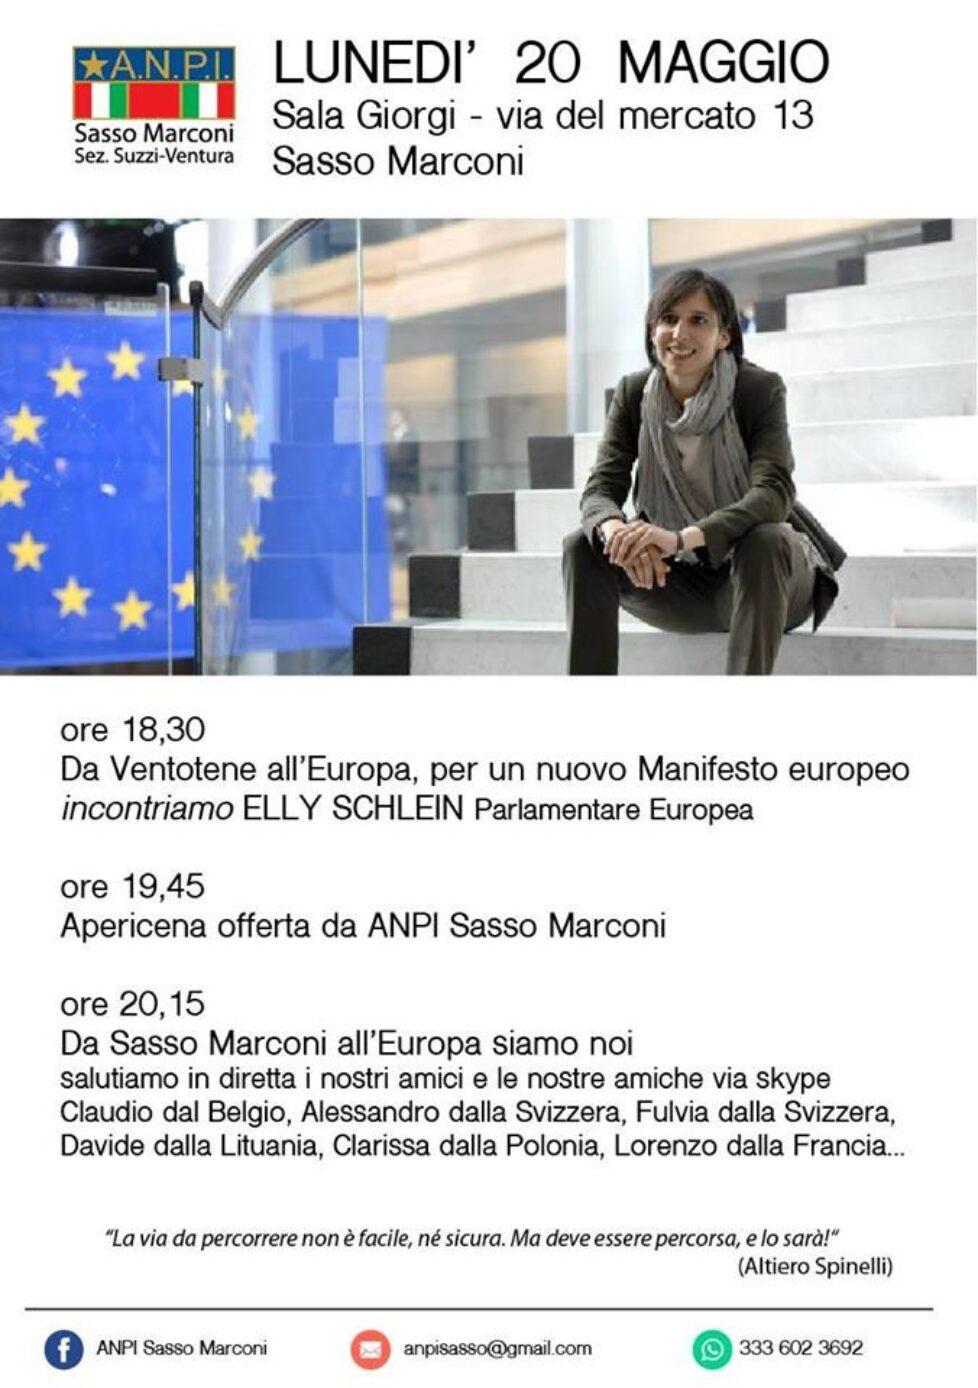 Da Ventotene all'Europa. Da Sasso Marconi all'Europa.